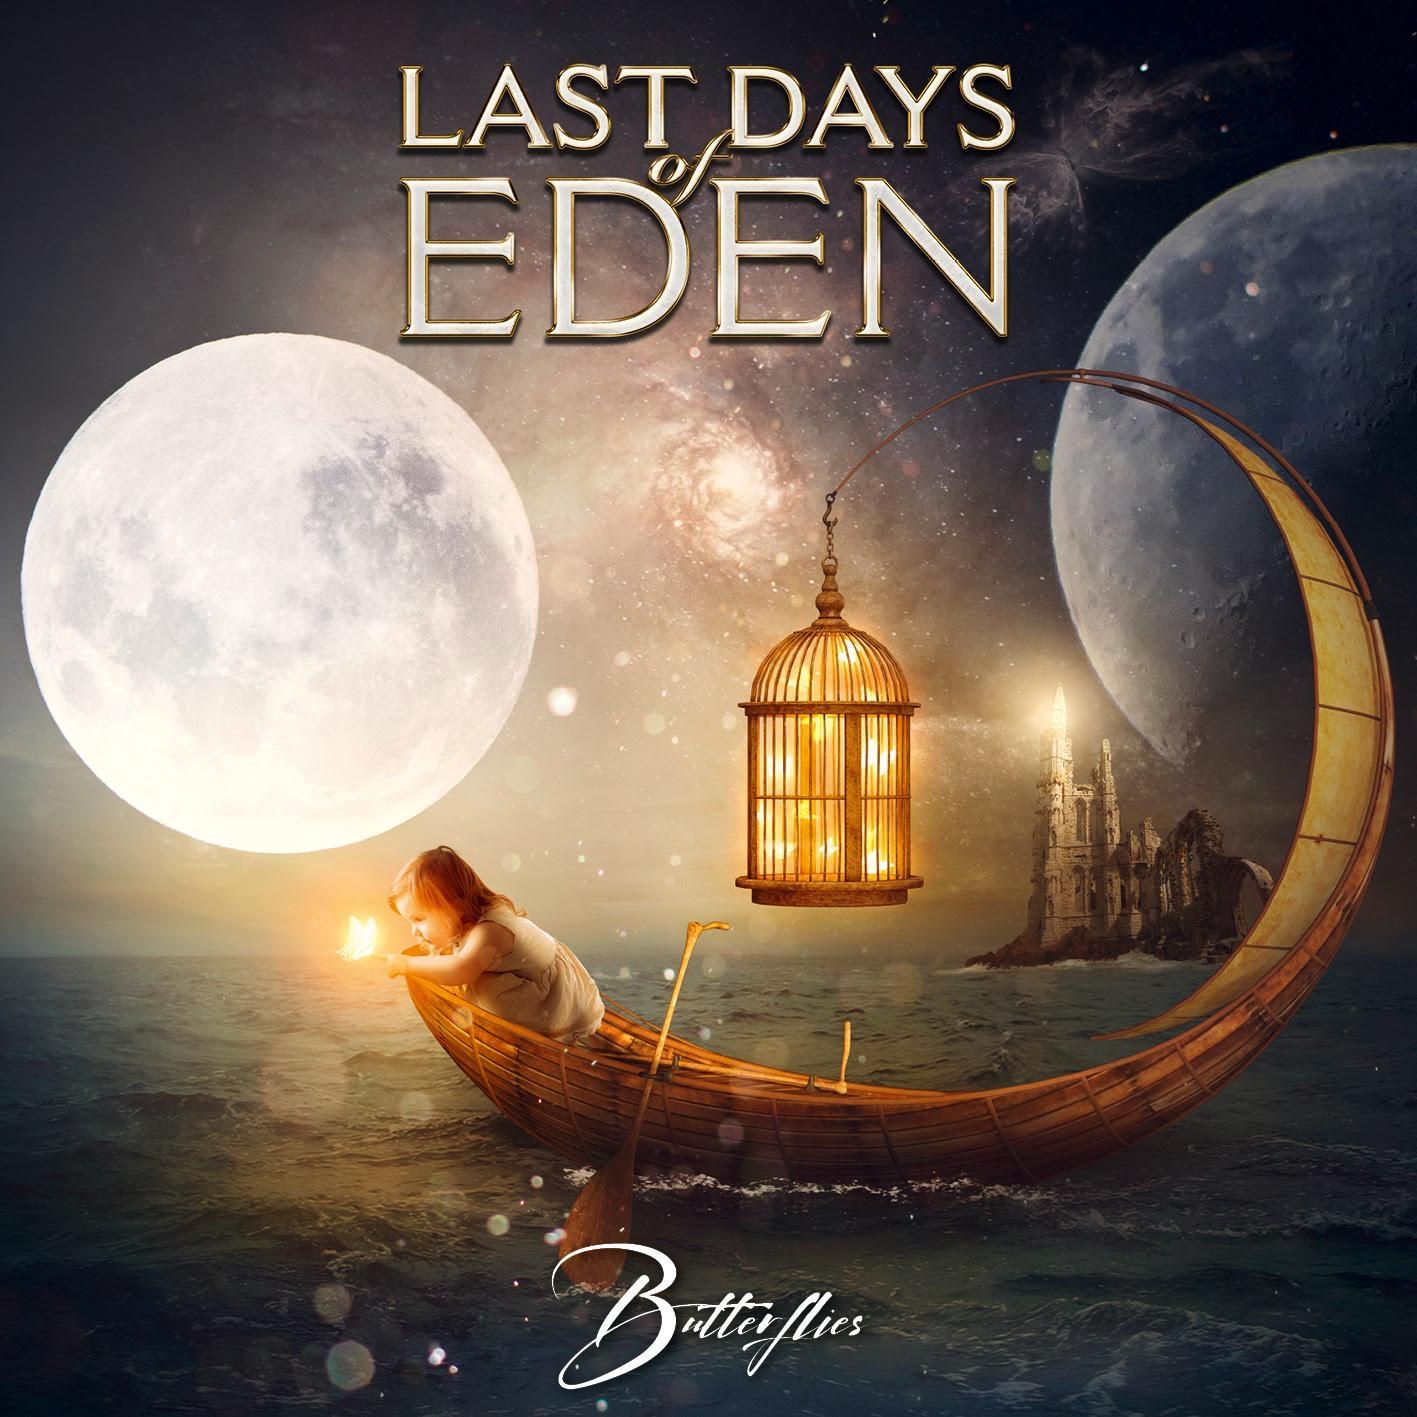 LAST DAYS OF EDEN - album